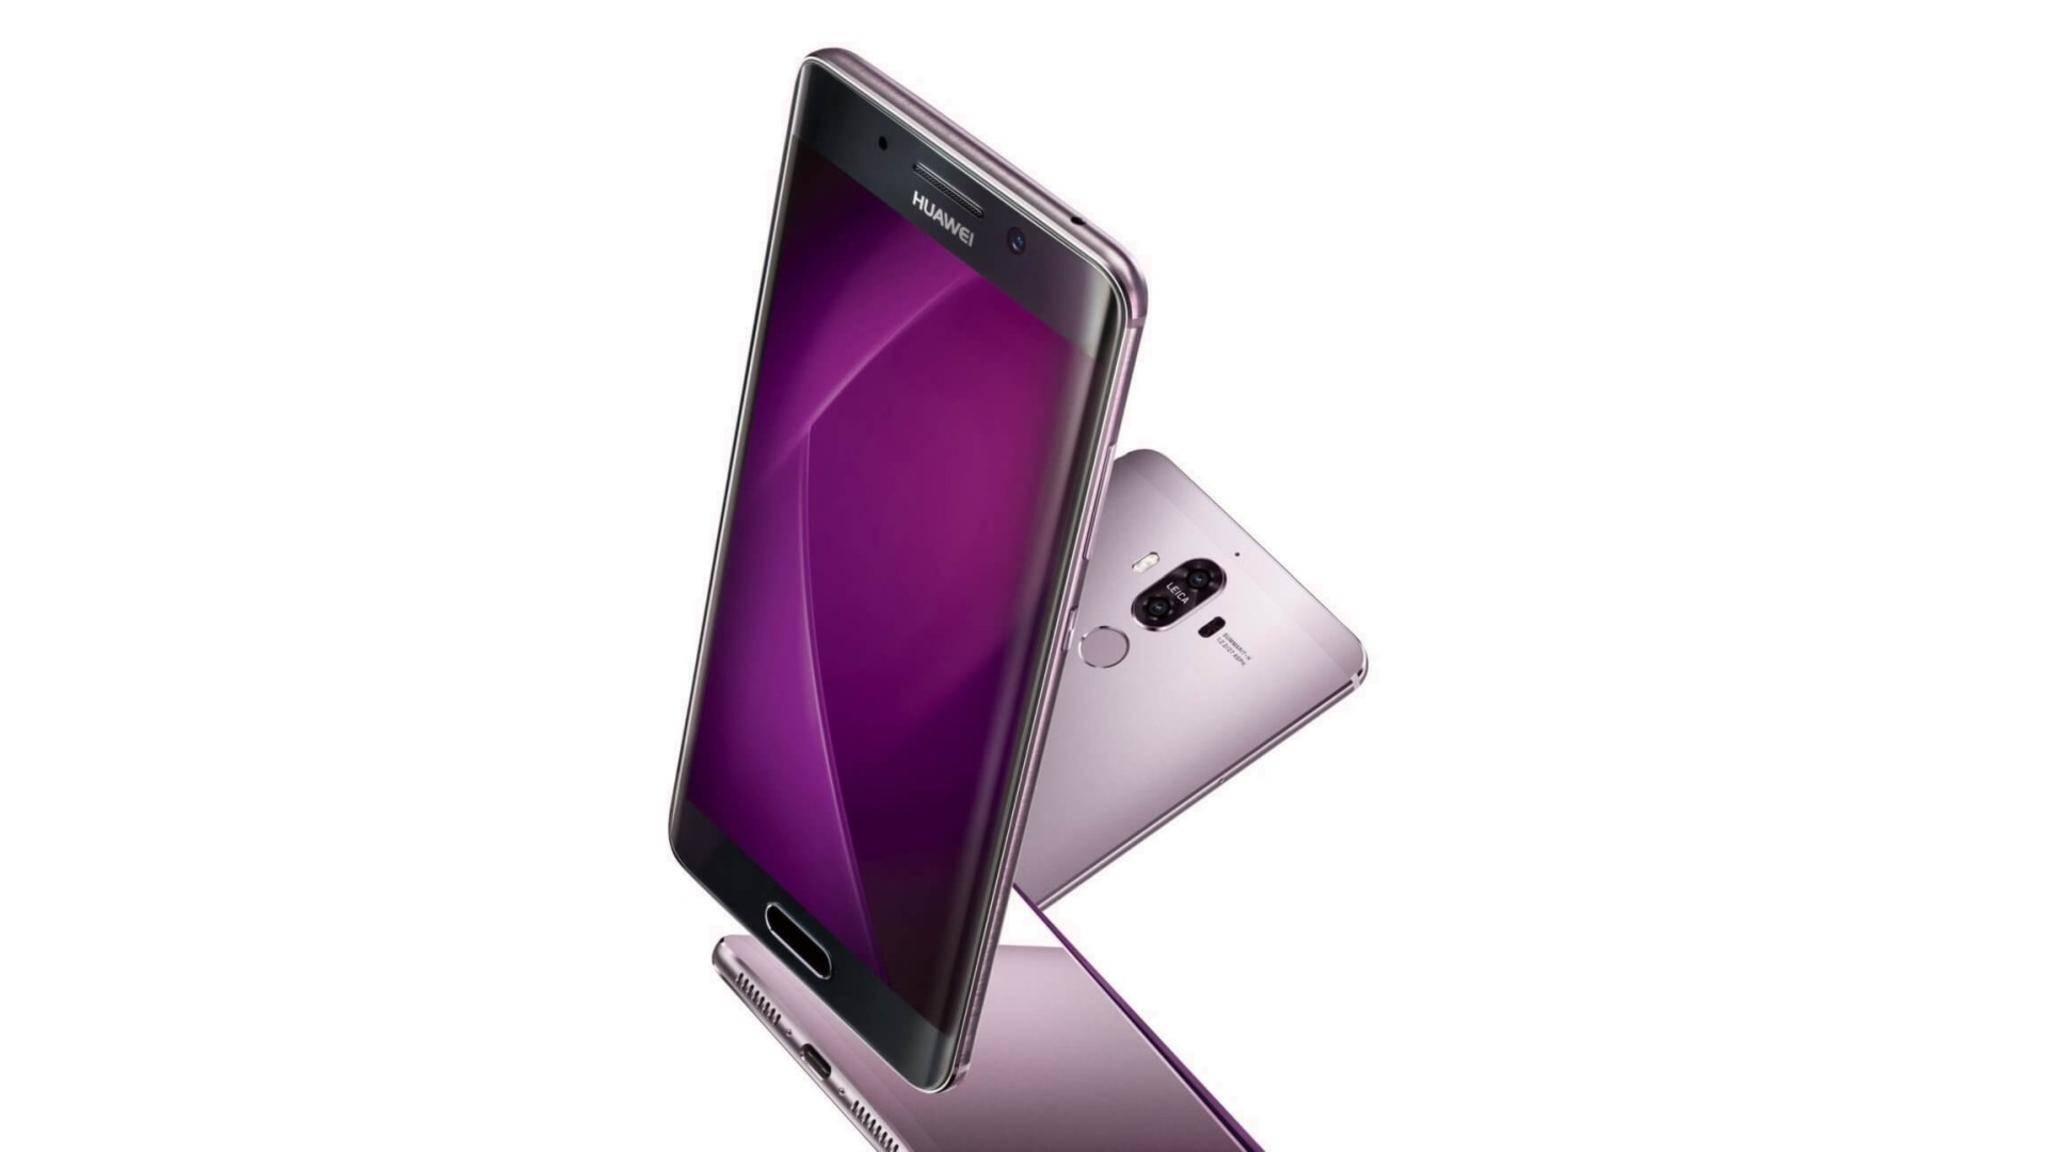 So soll die Pro-Version des Huawei Mate 9 aussehen.